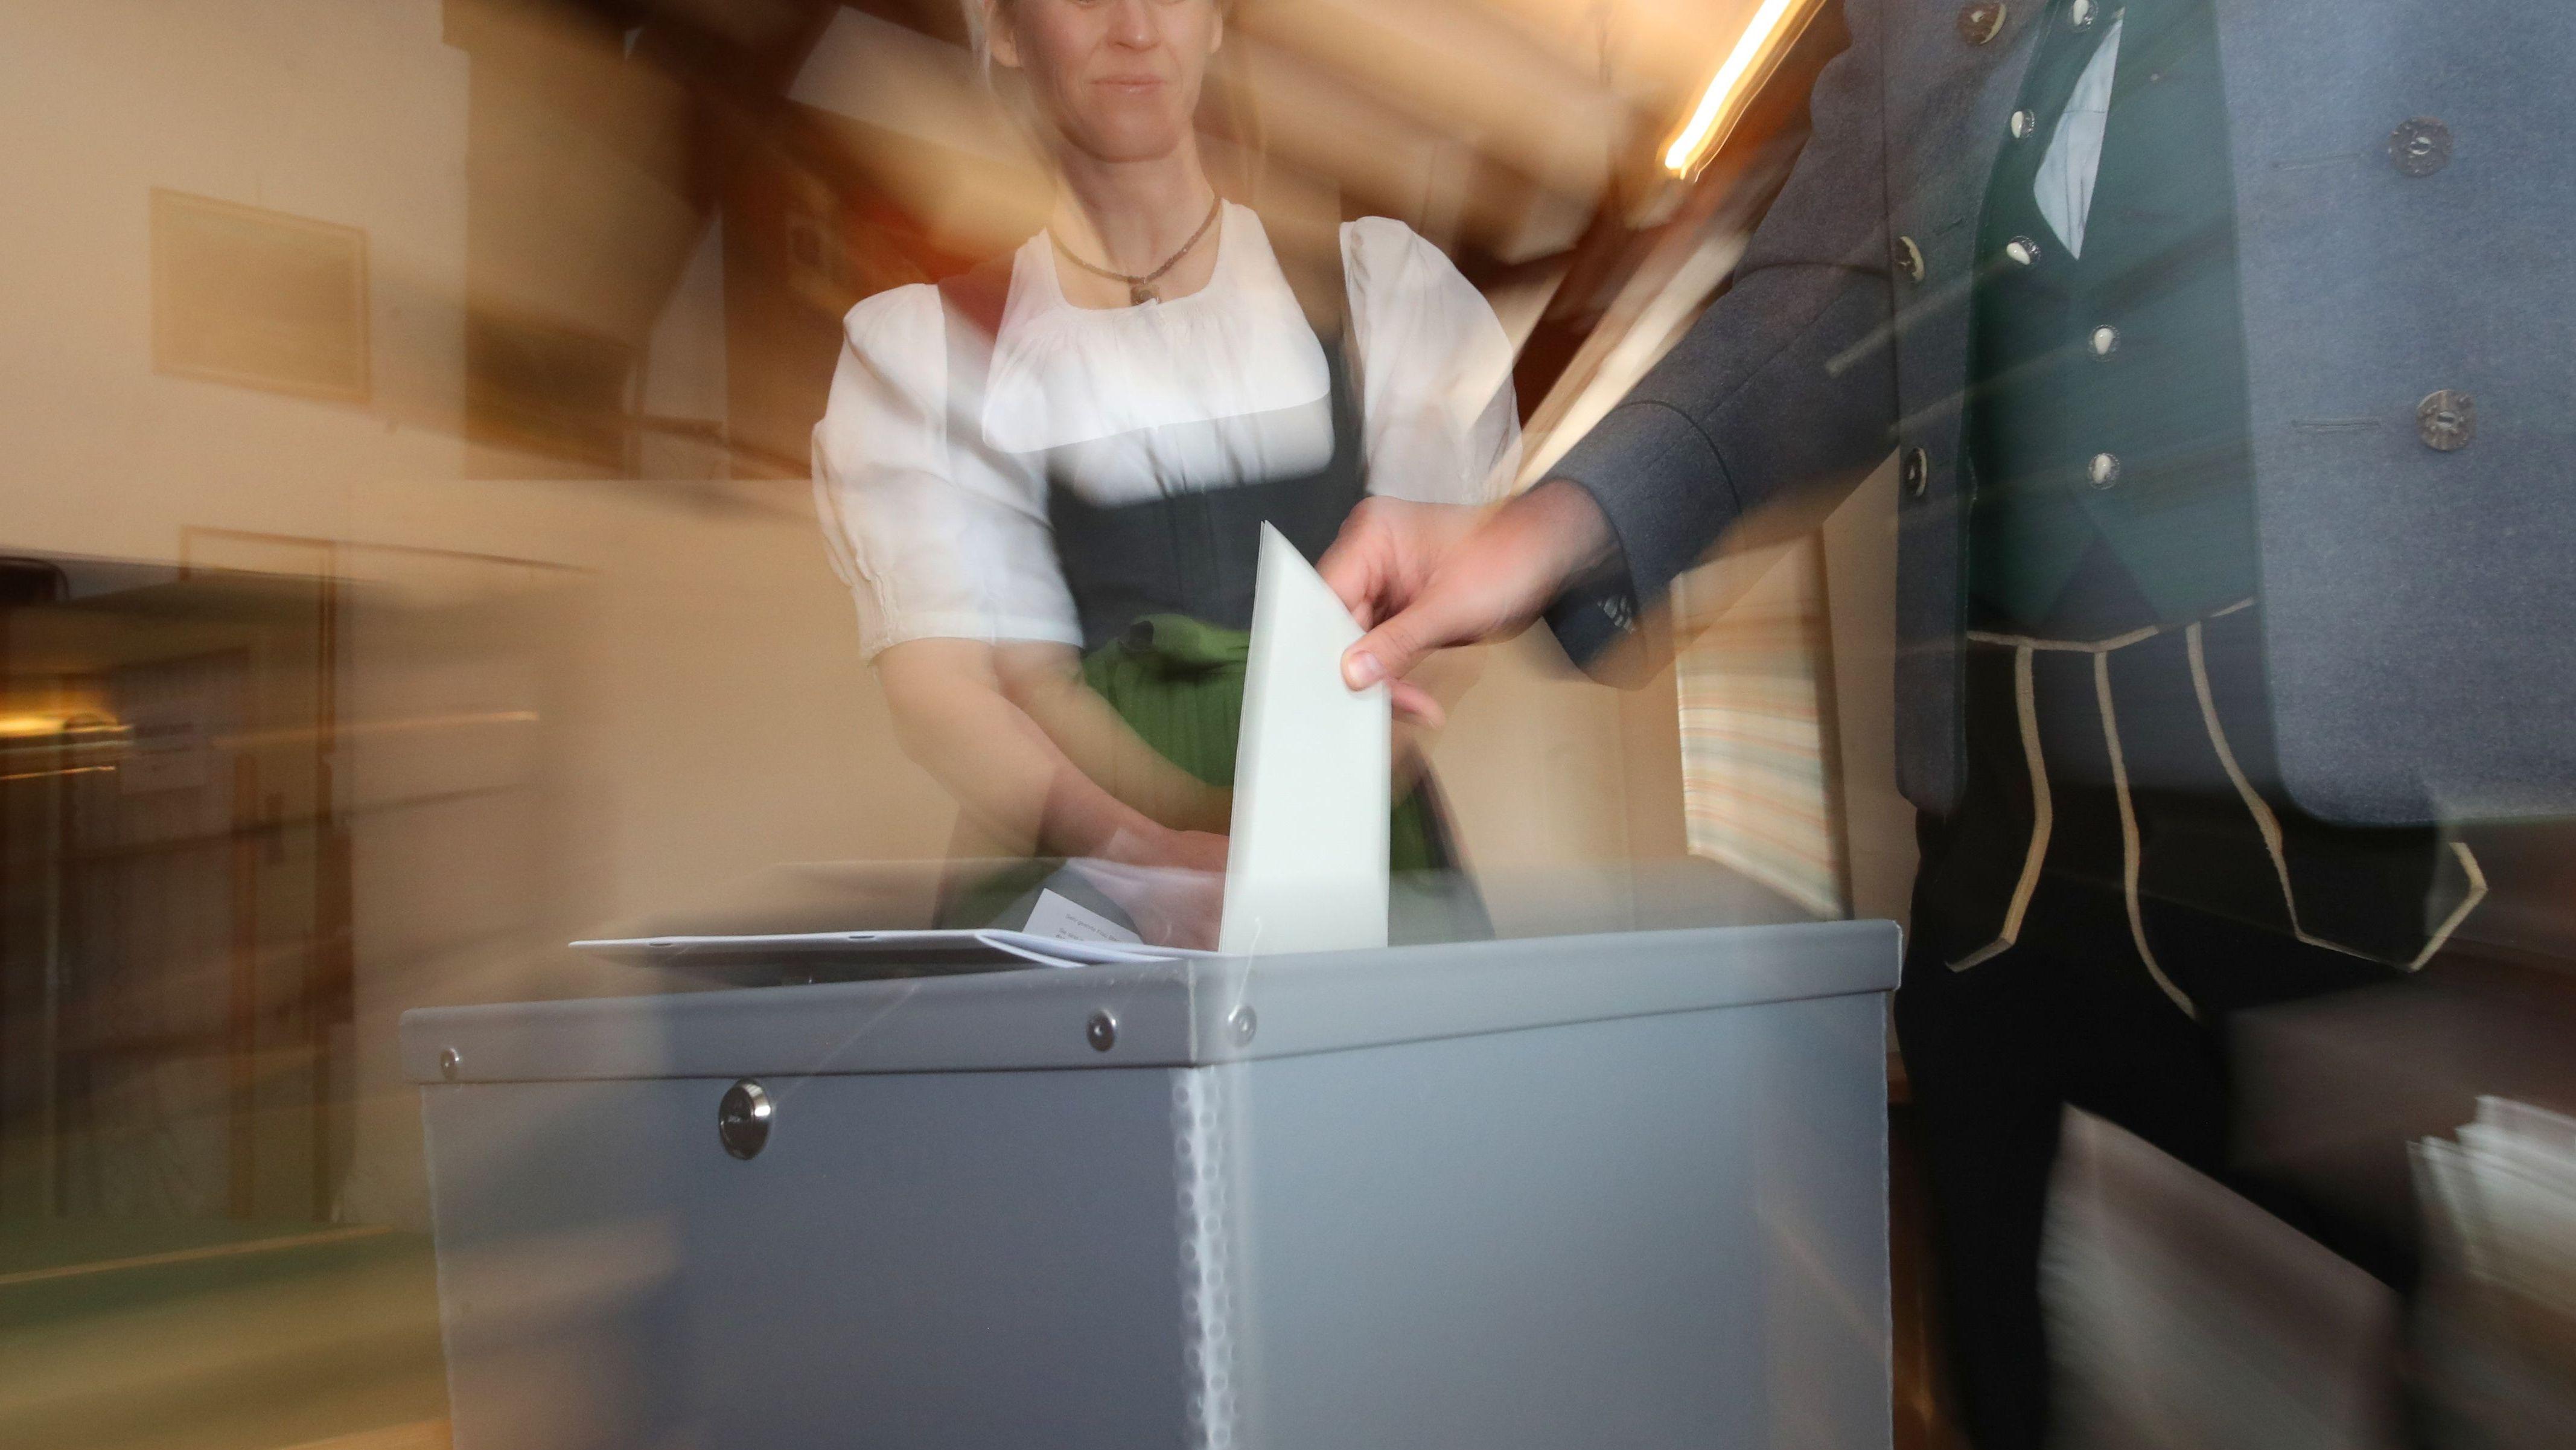 Bei der Europawahl sind in Bayern 10,2 Millionen Menschen wahlberechtigt. Es zeichnet sich eine höhere Beteiligung ab als vor fünf Jahren.